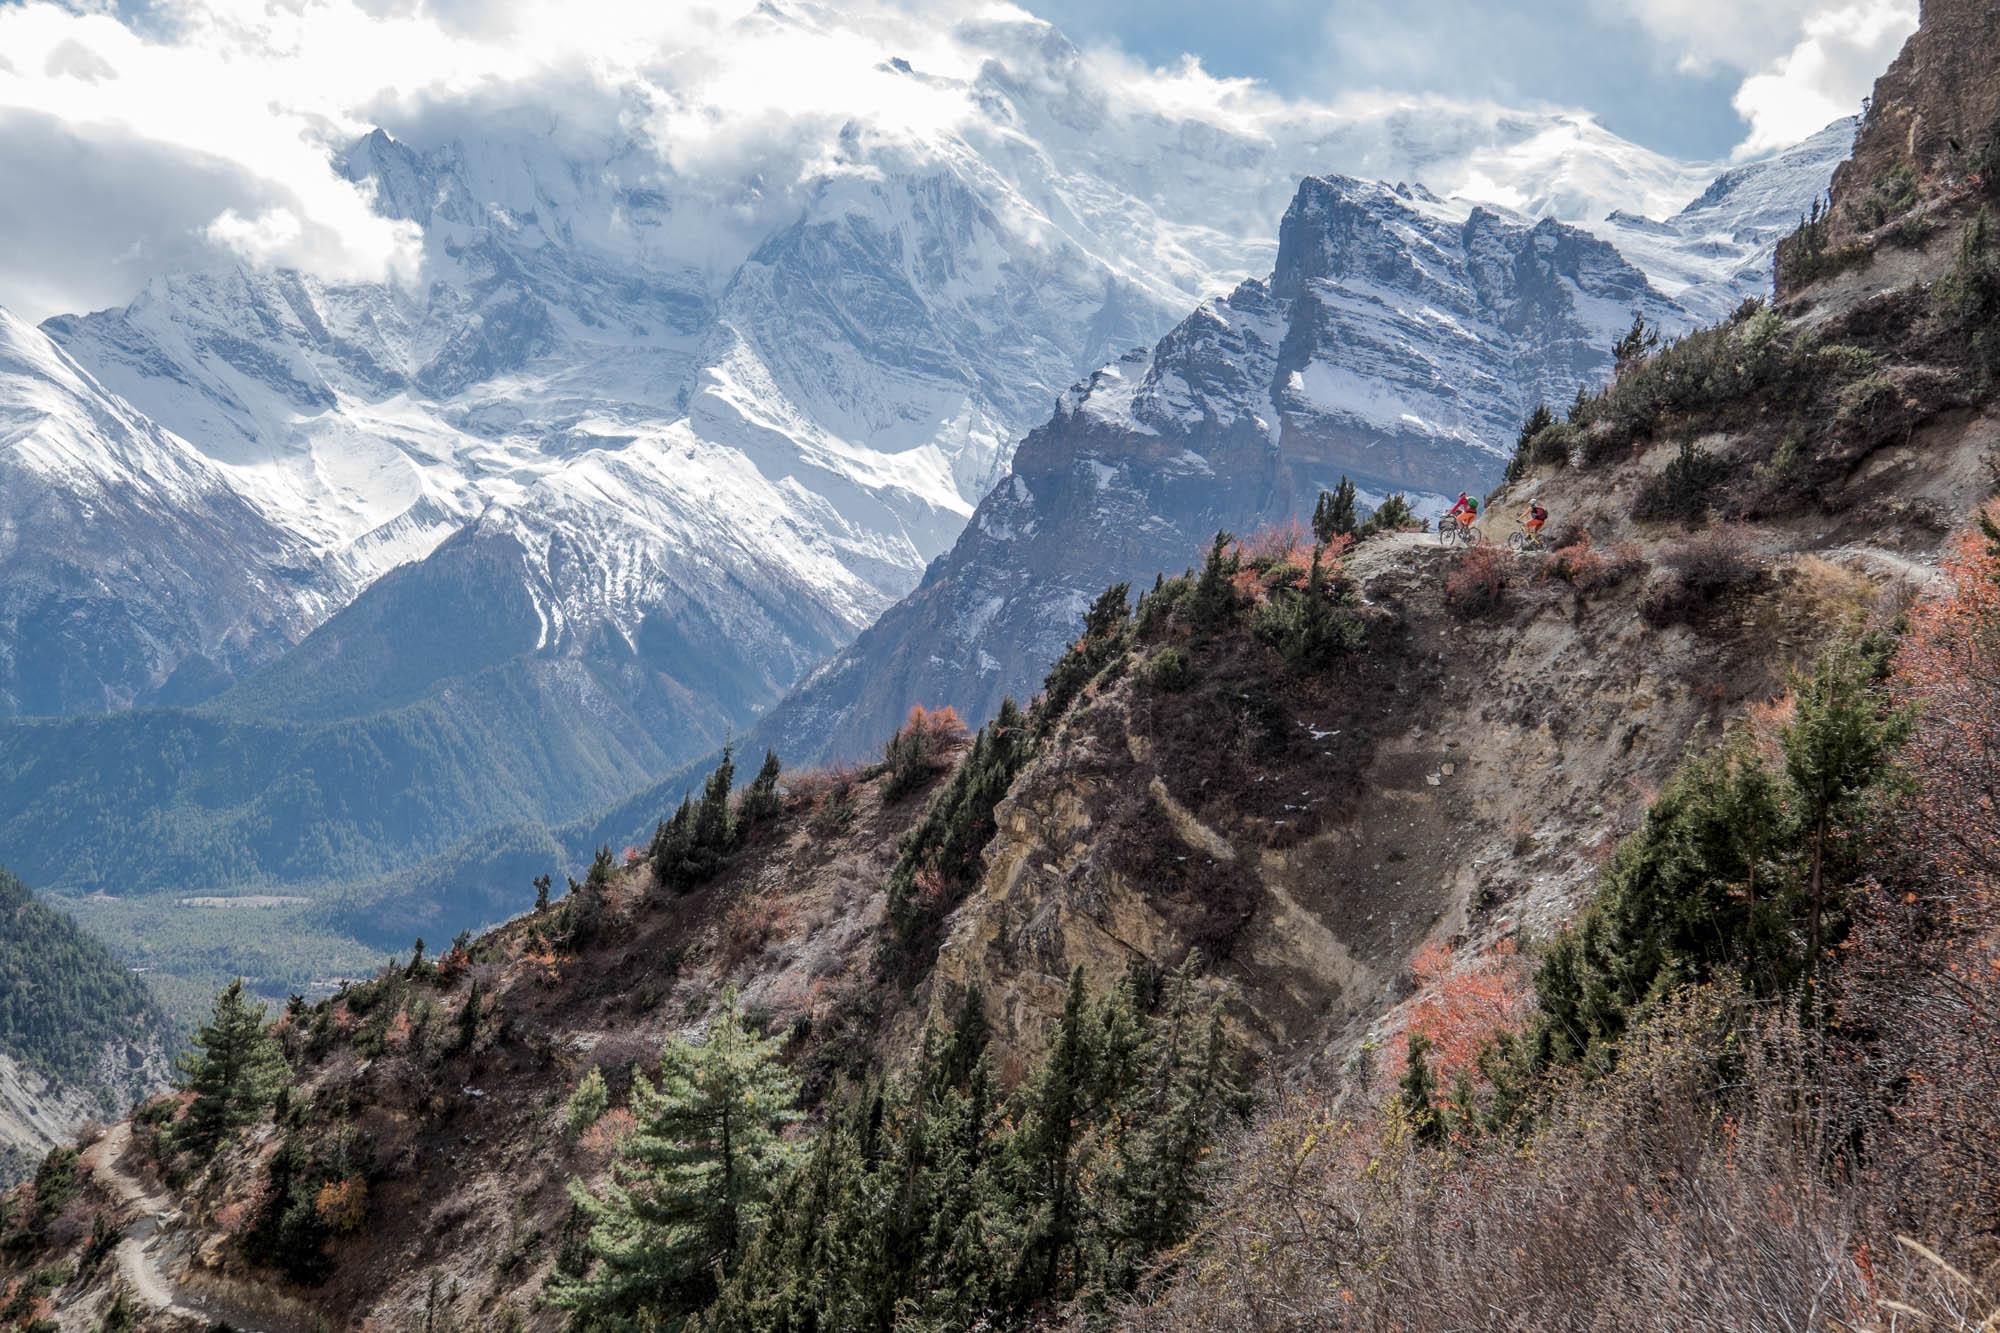 Zwei Mountainbiker fahren vor dem Panorama des Himalaya auf einem schmalen Pfad.